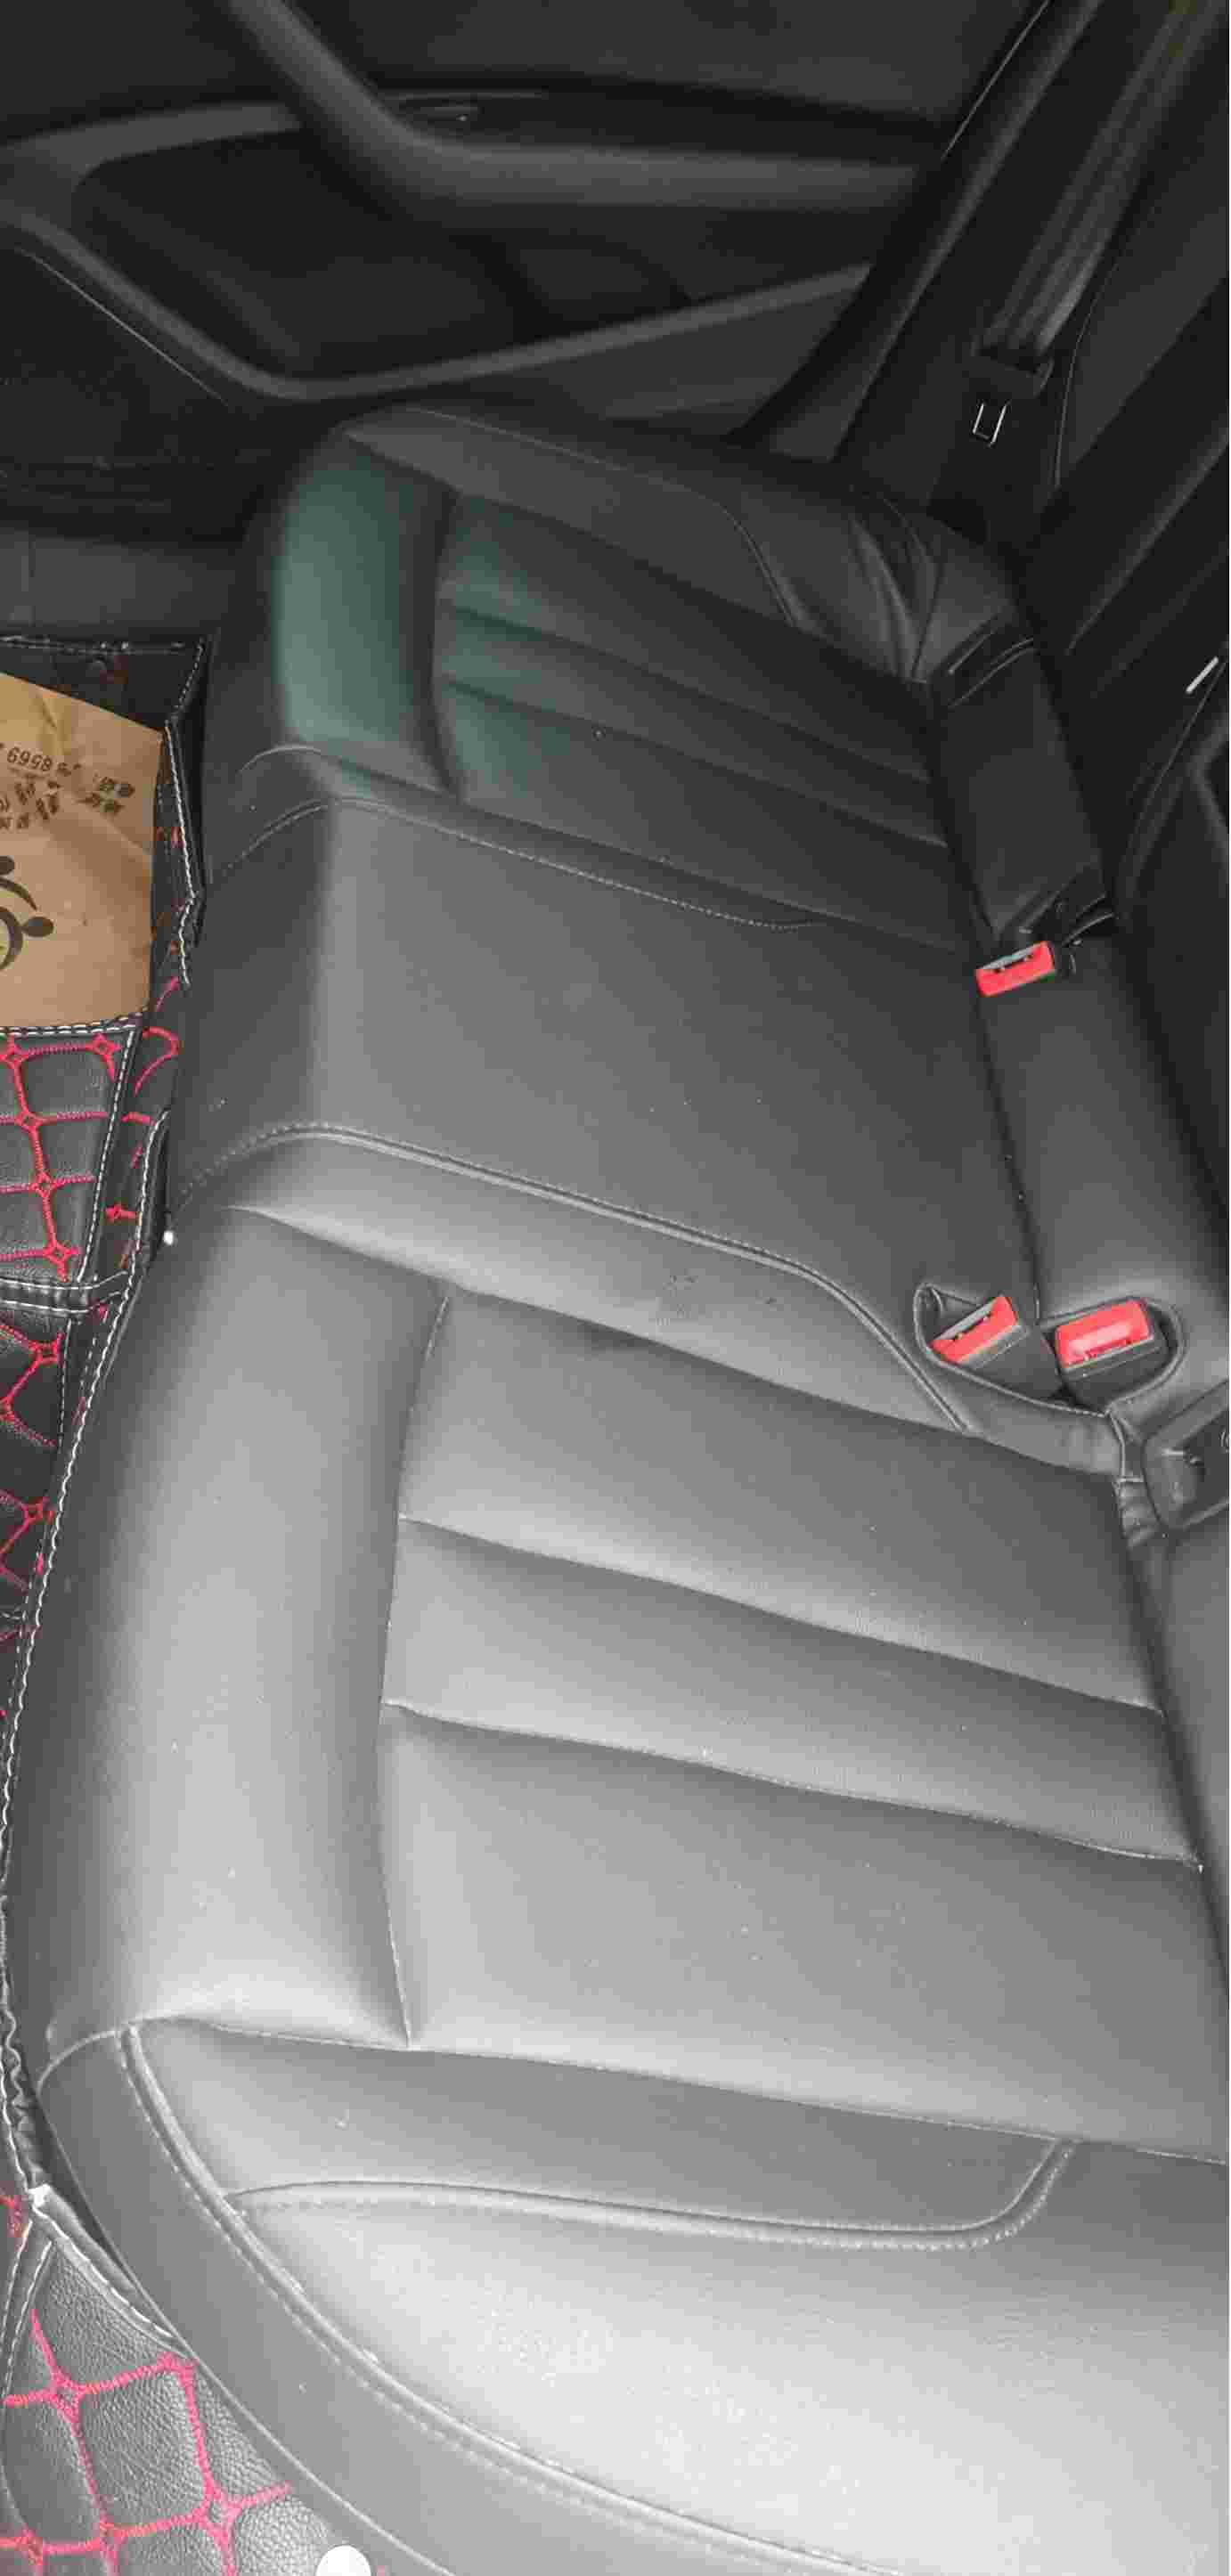 后排座椅铁丝刺穿座椅,有安全隐患。